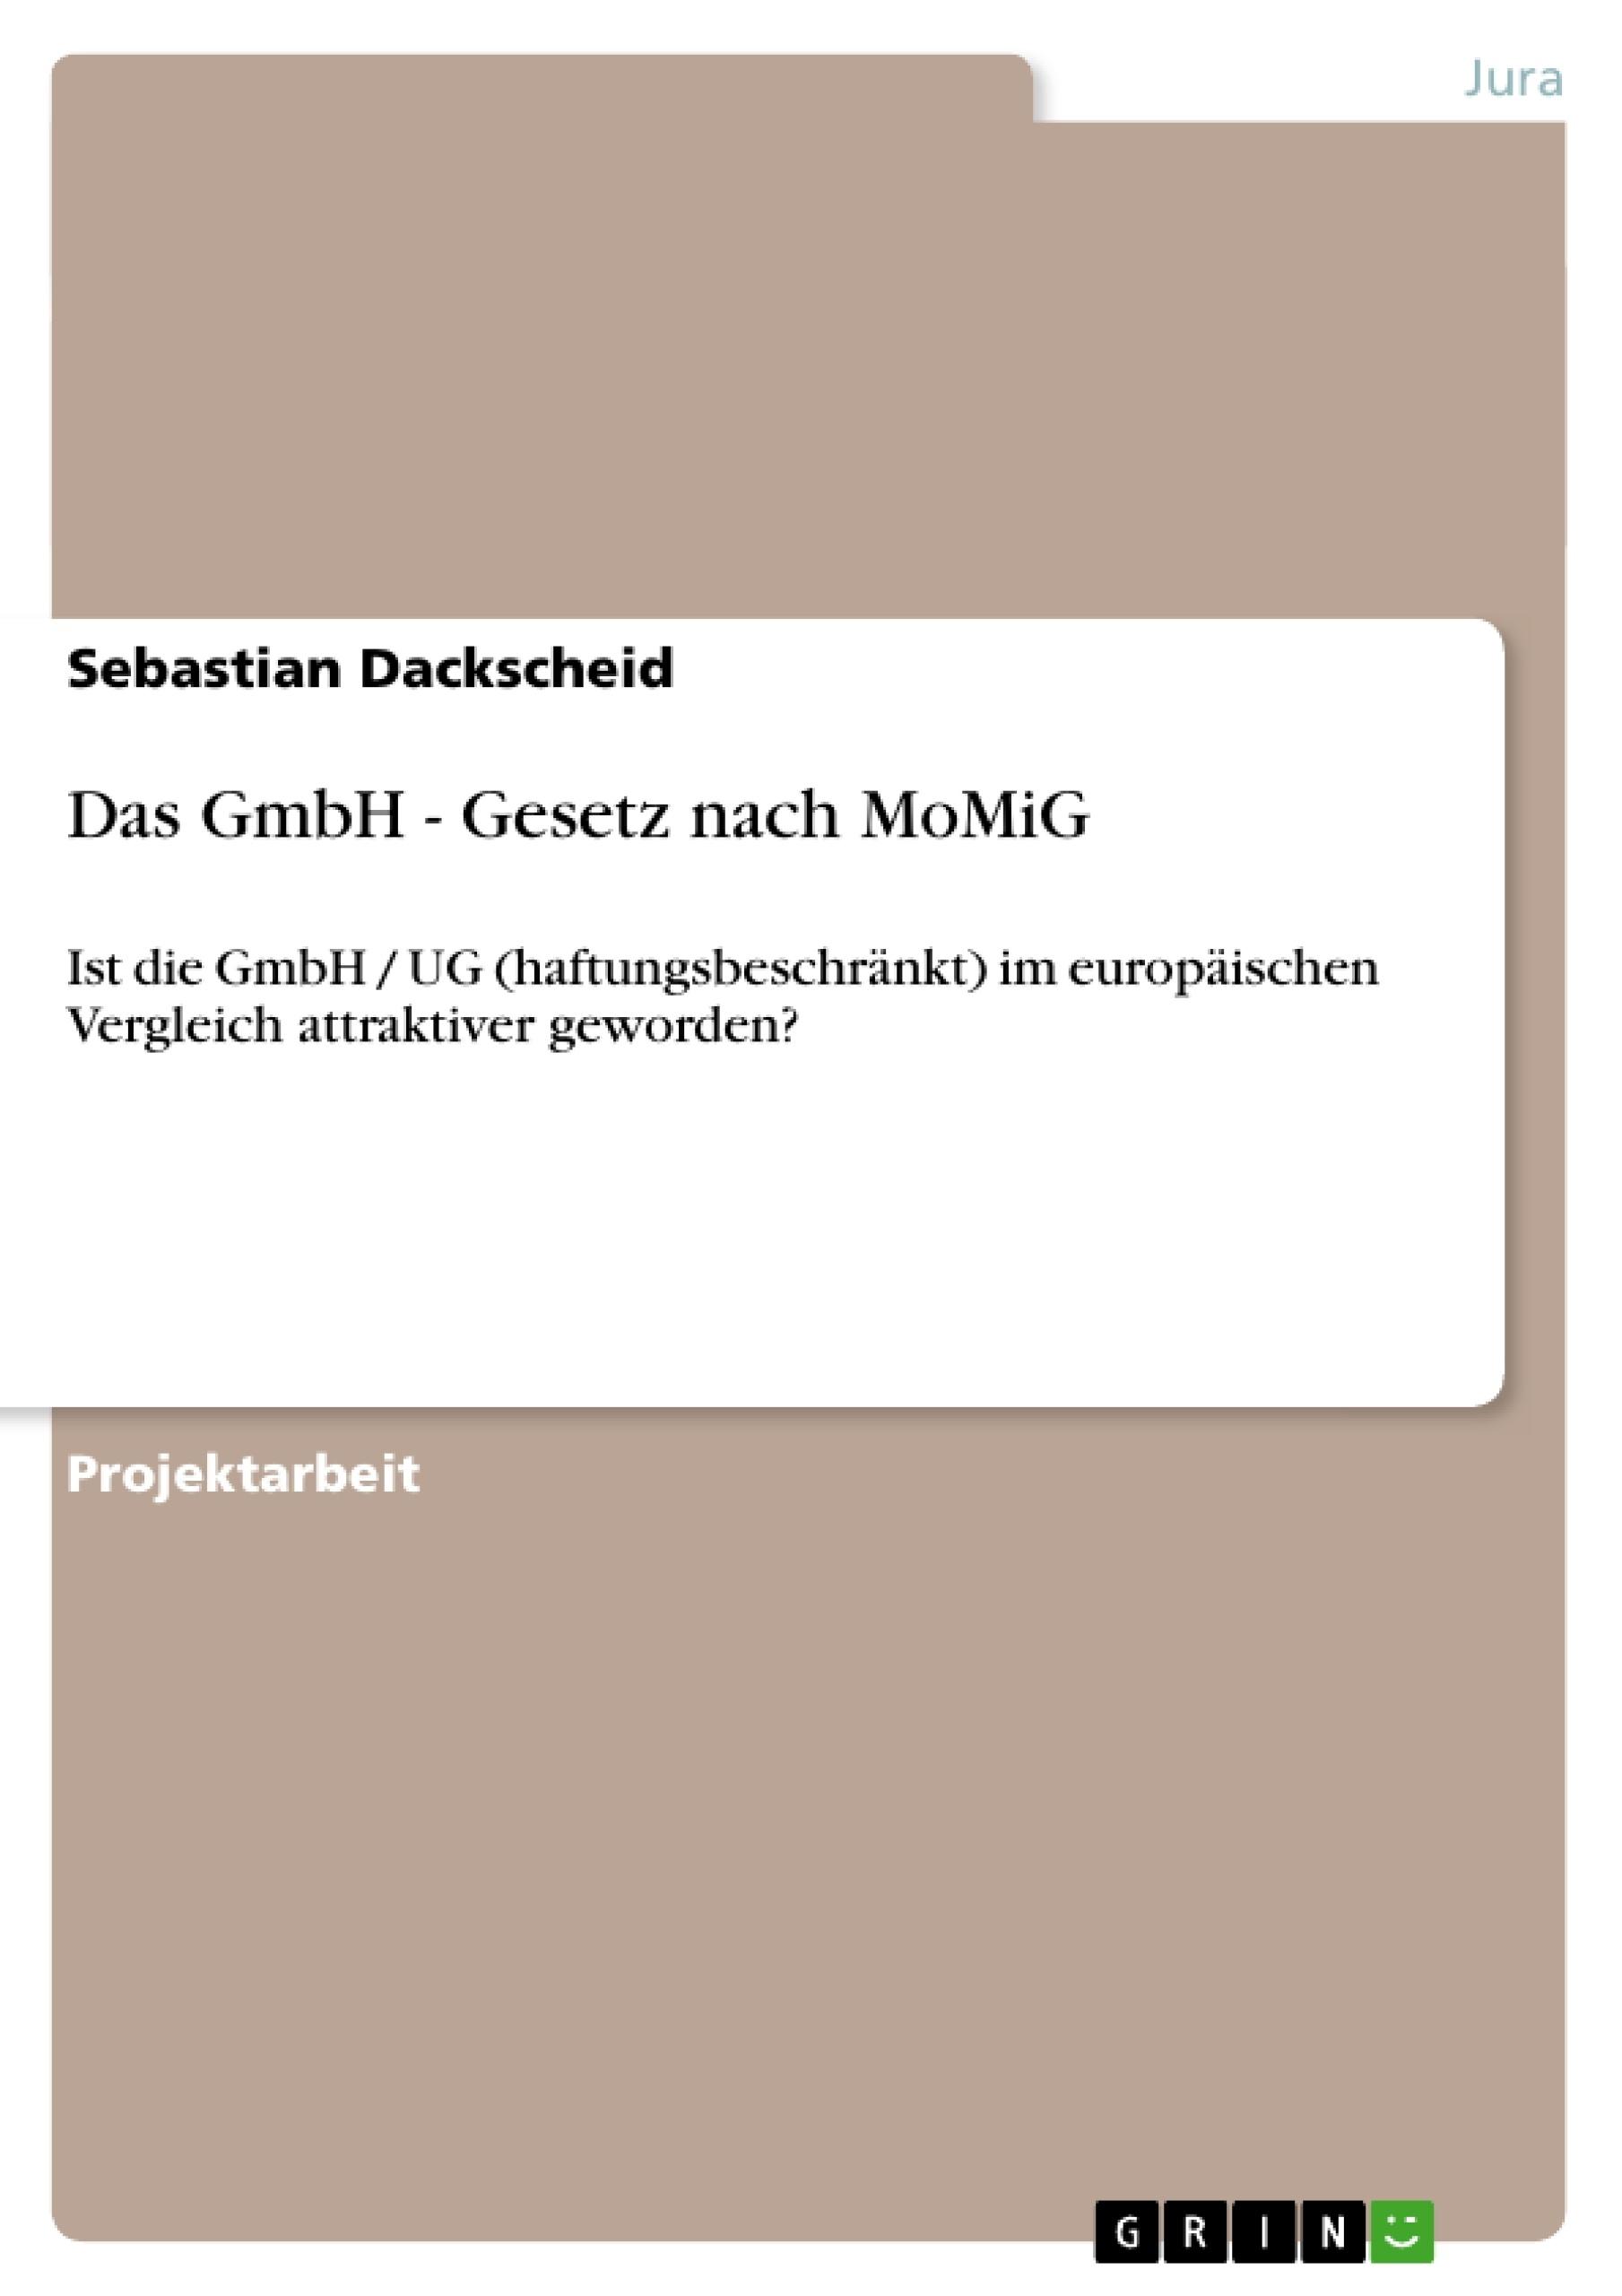 Titel: Das GmbH - Gesetz nach MoMiG